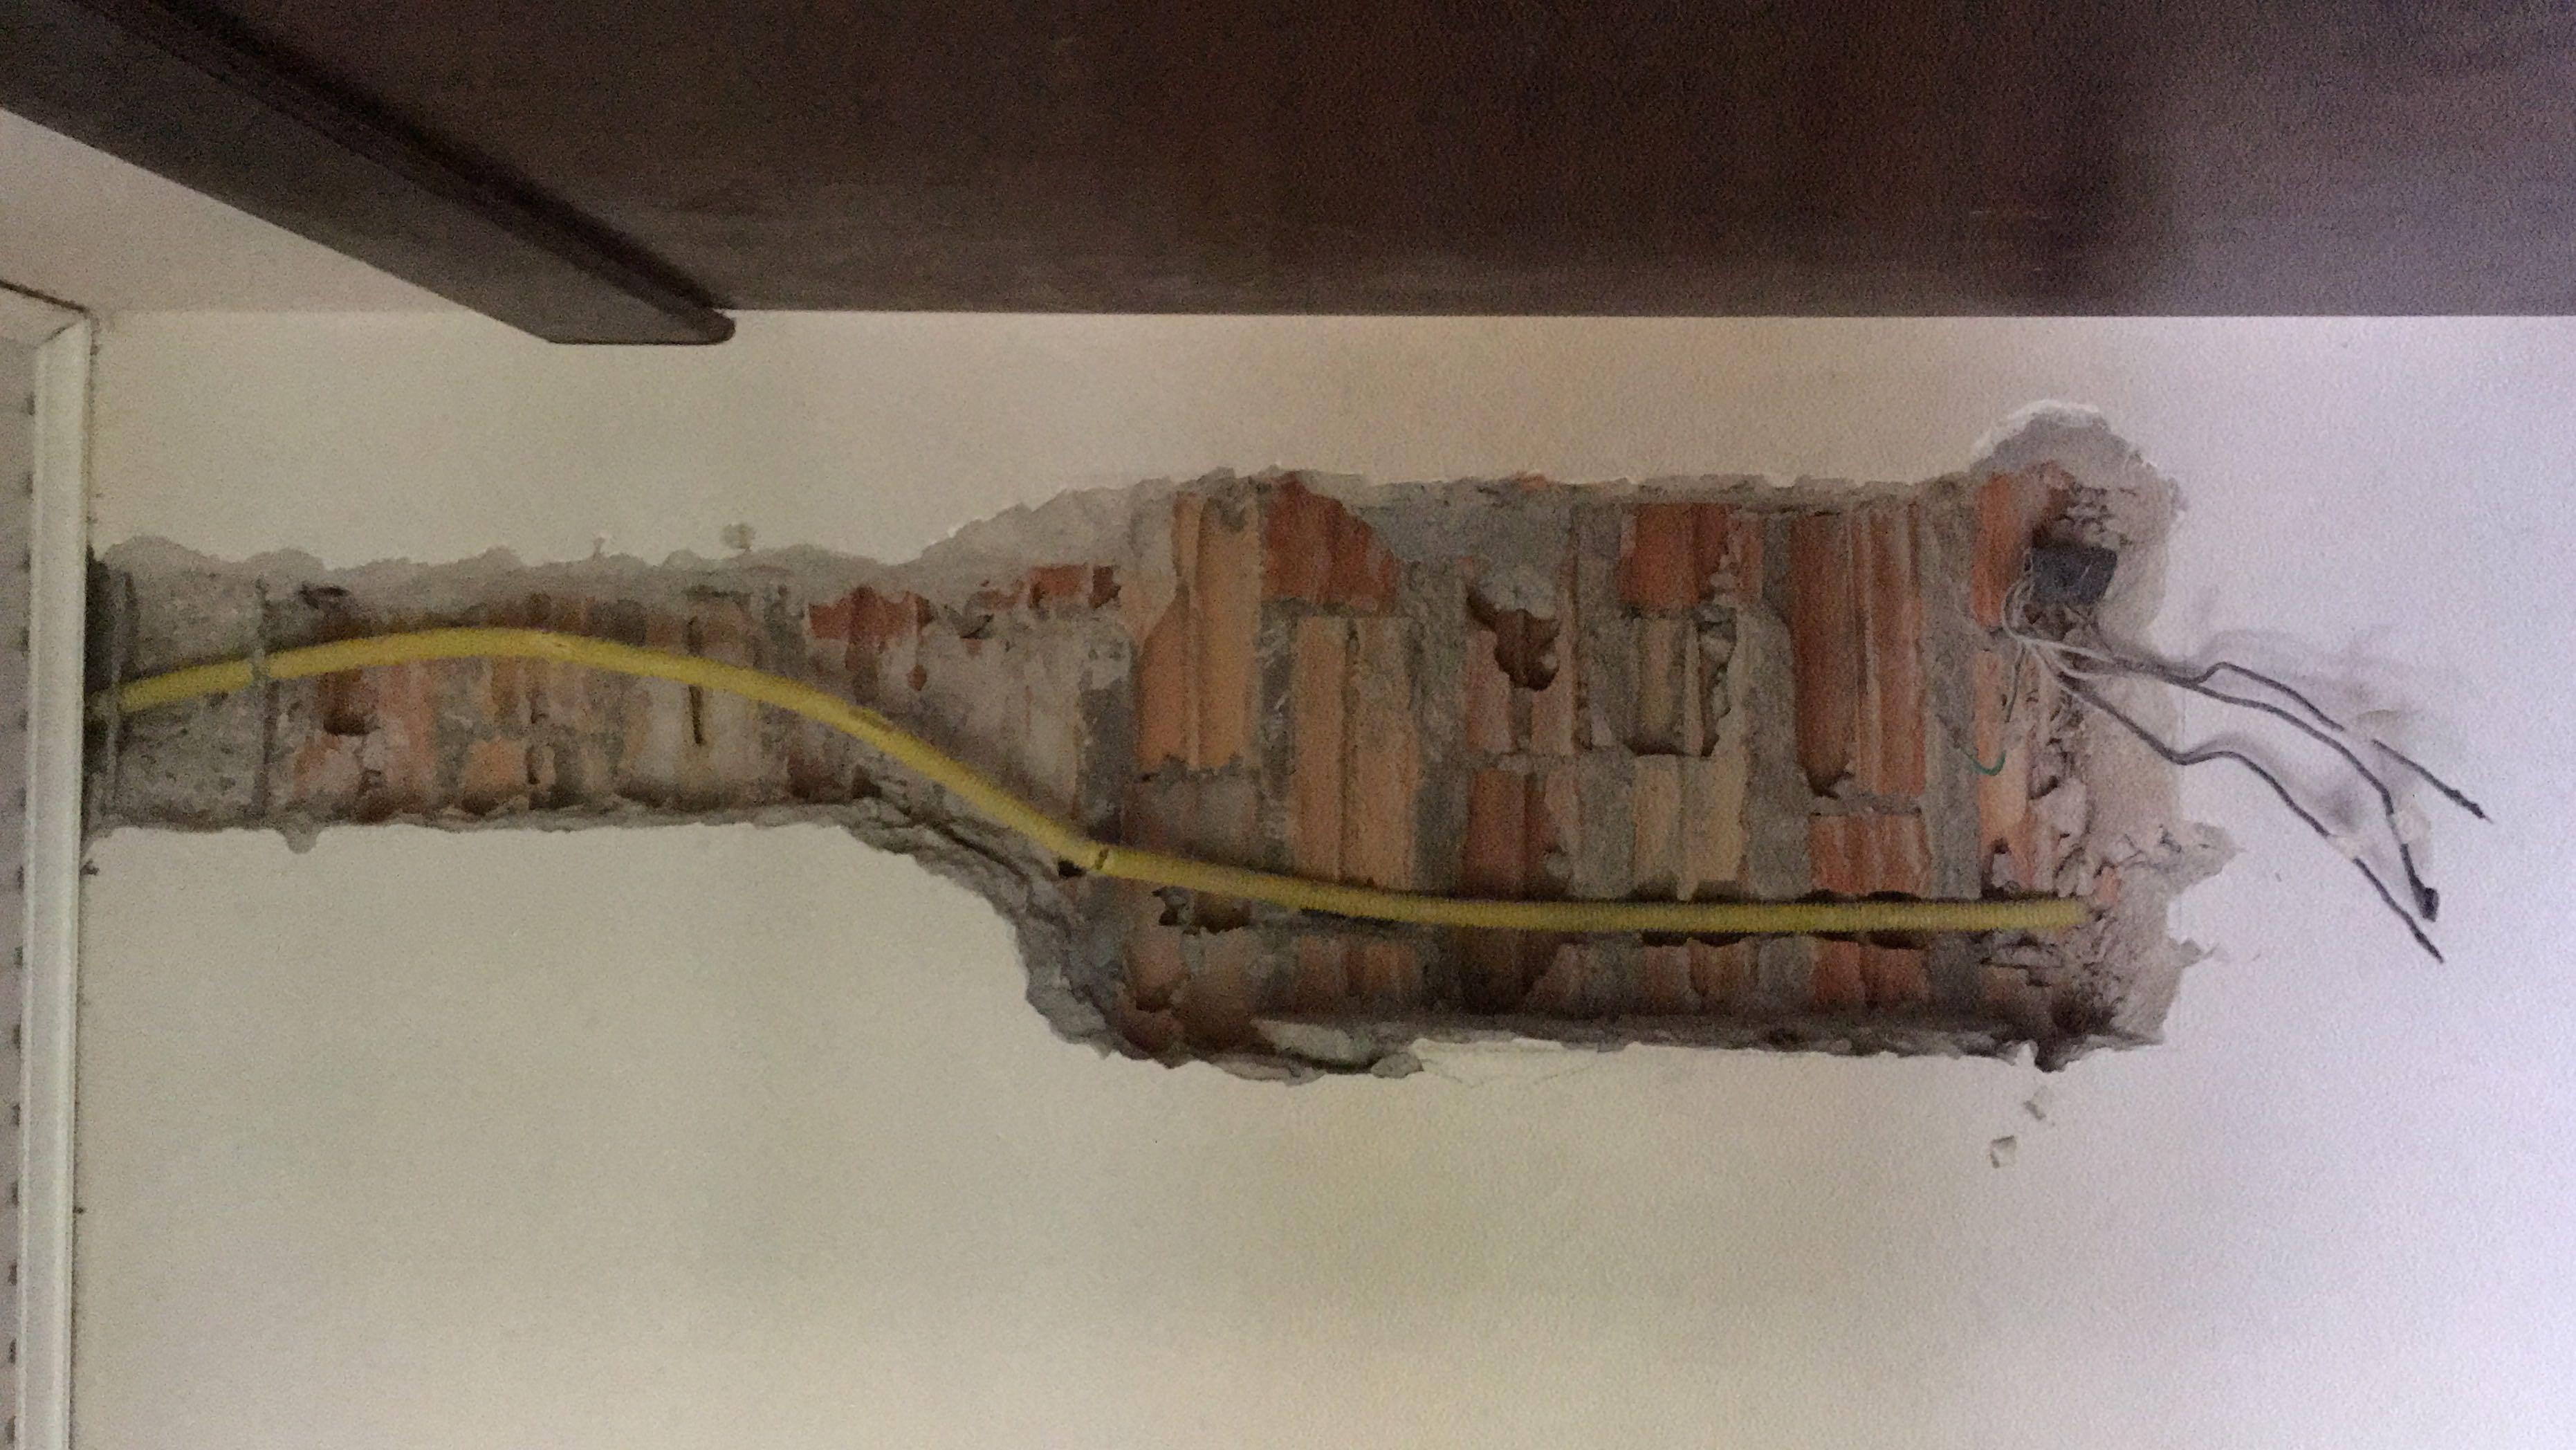 Abertura em parede para novo painel